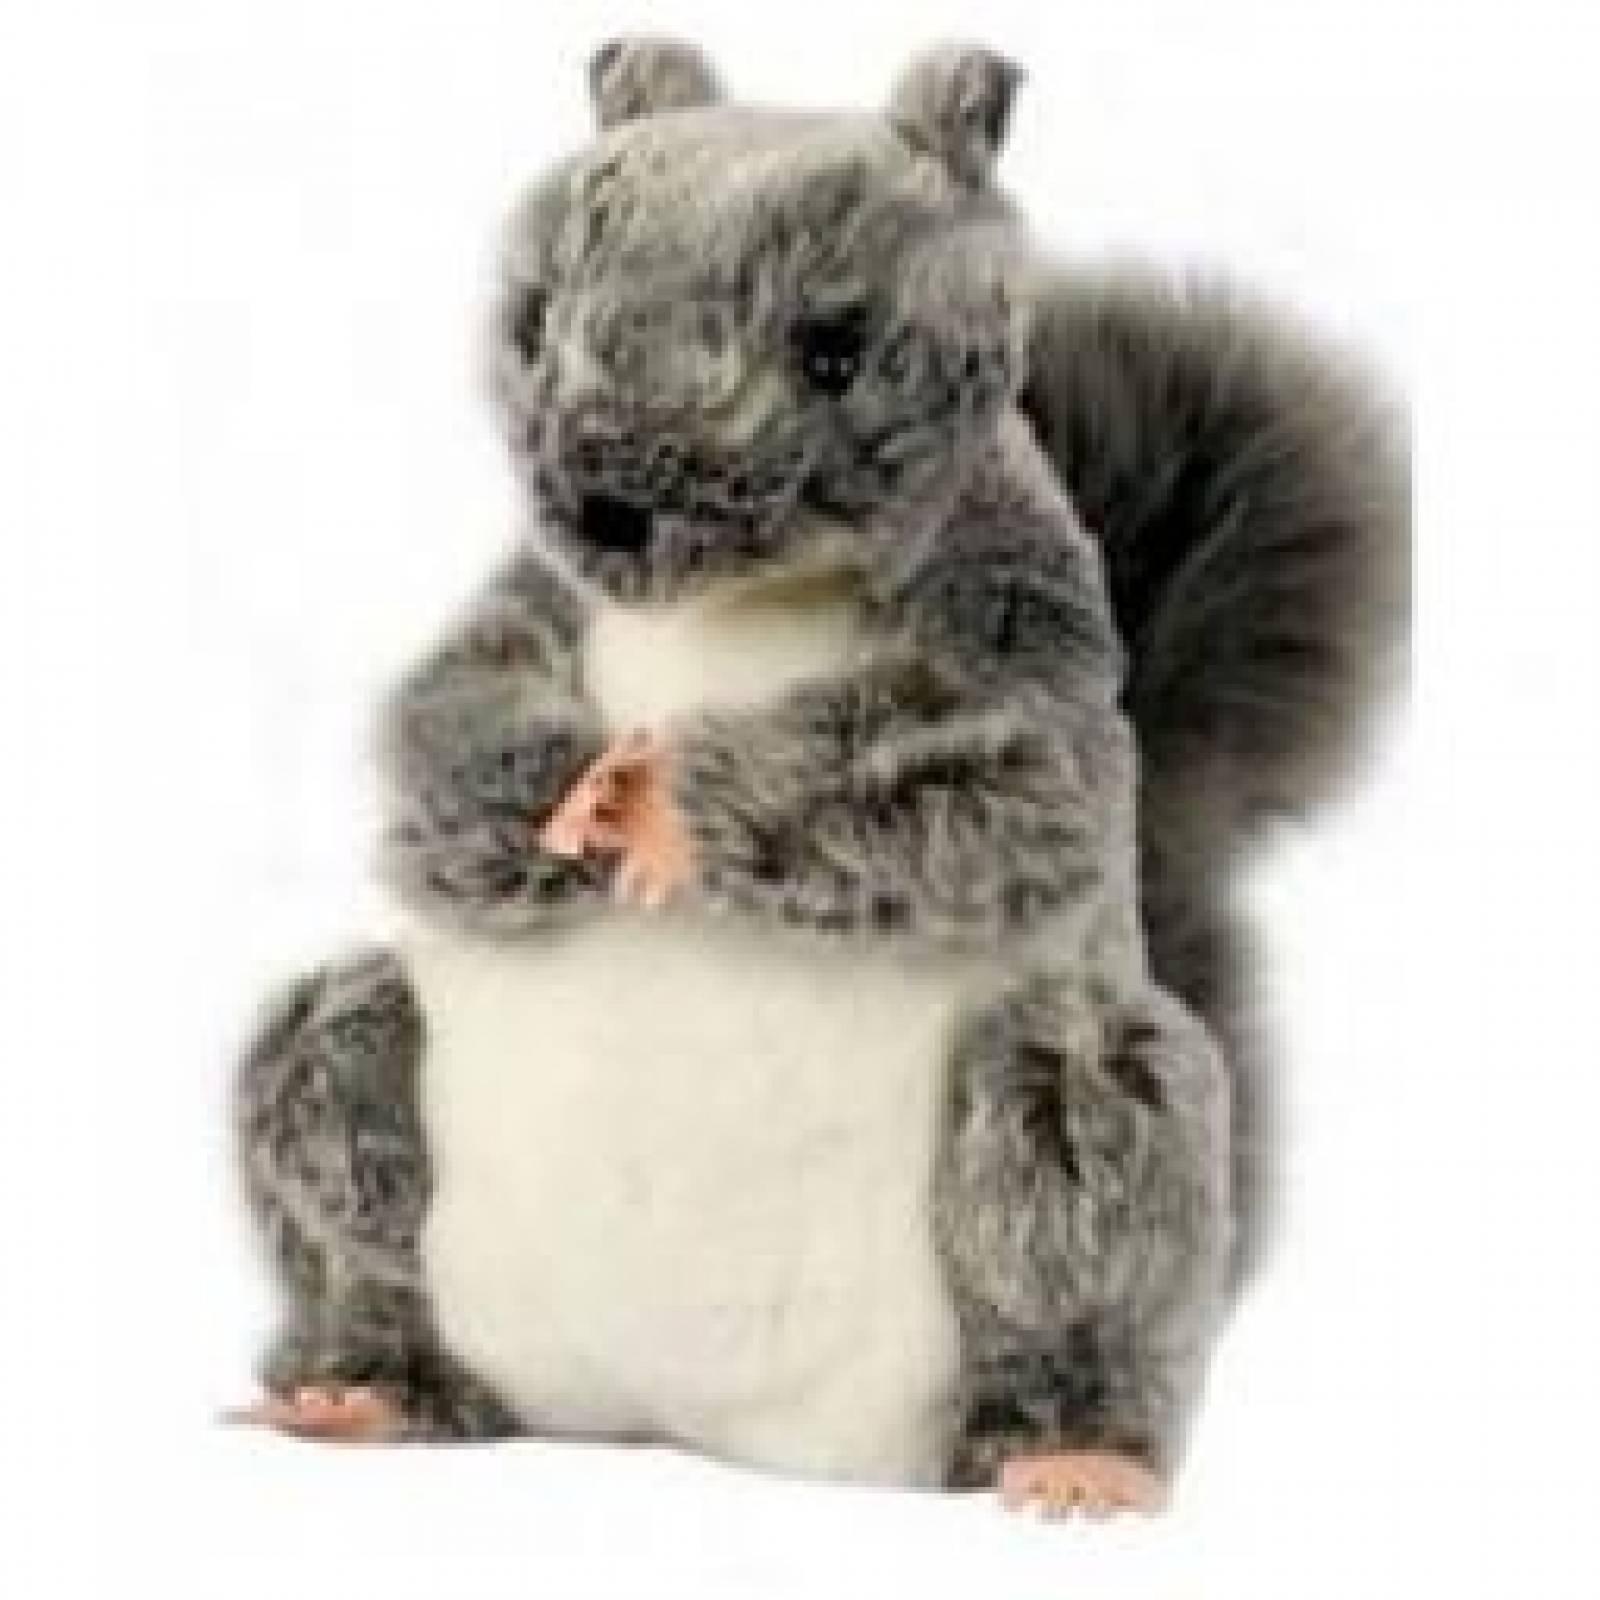 Z DISCON GREY SQUIRREL Plump Glove Puppet European Wildlife